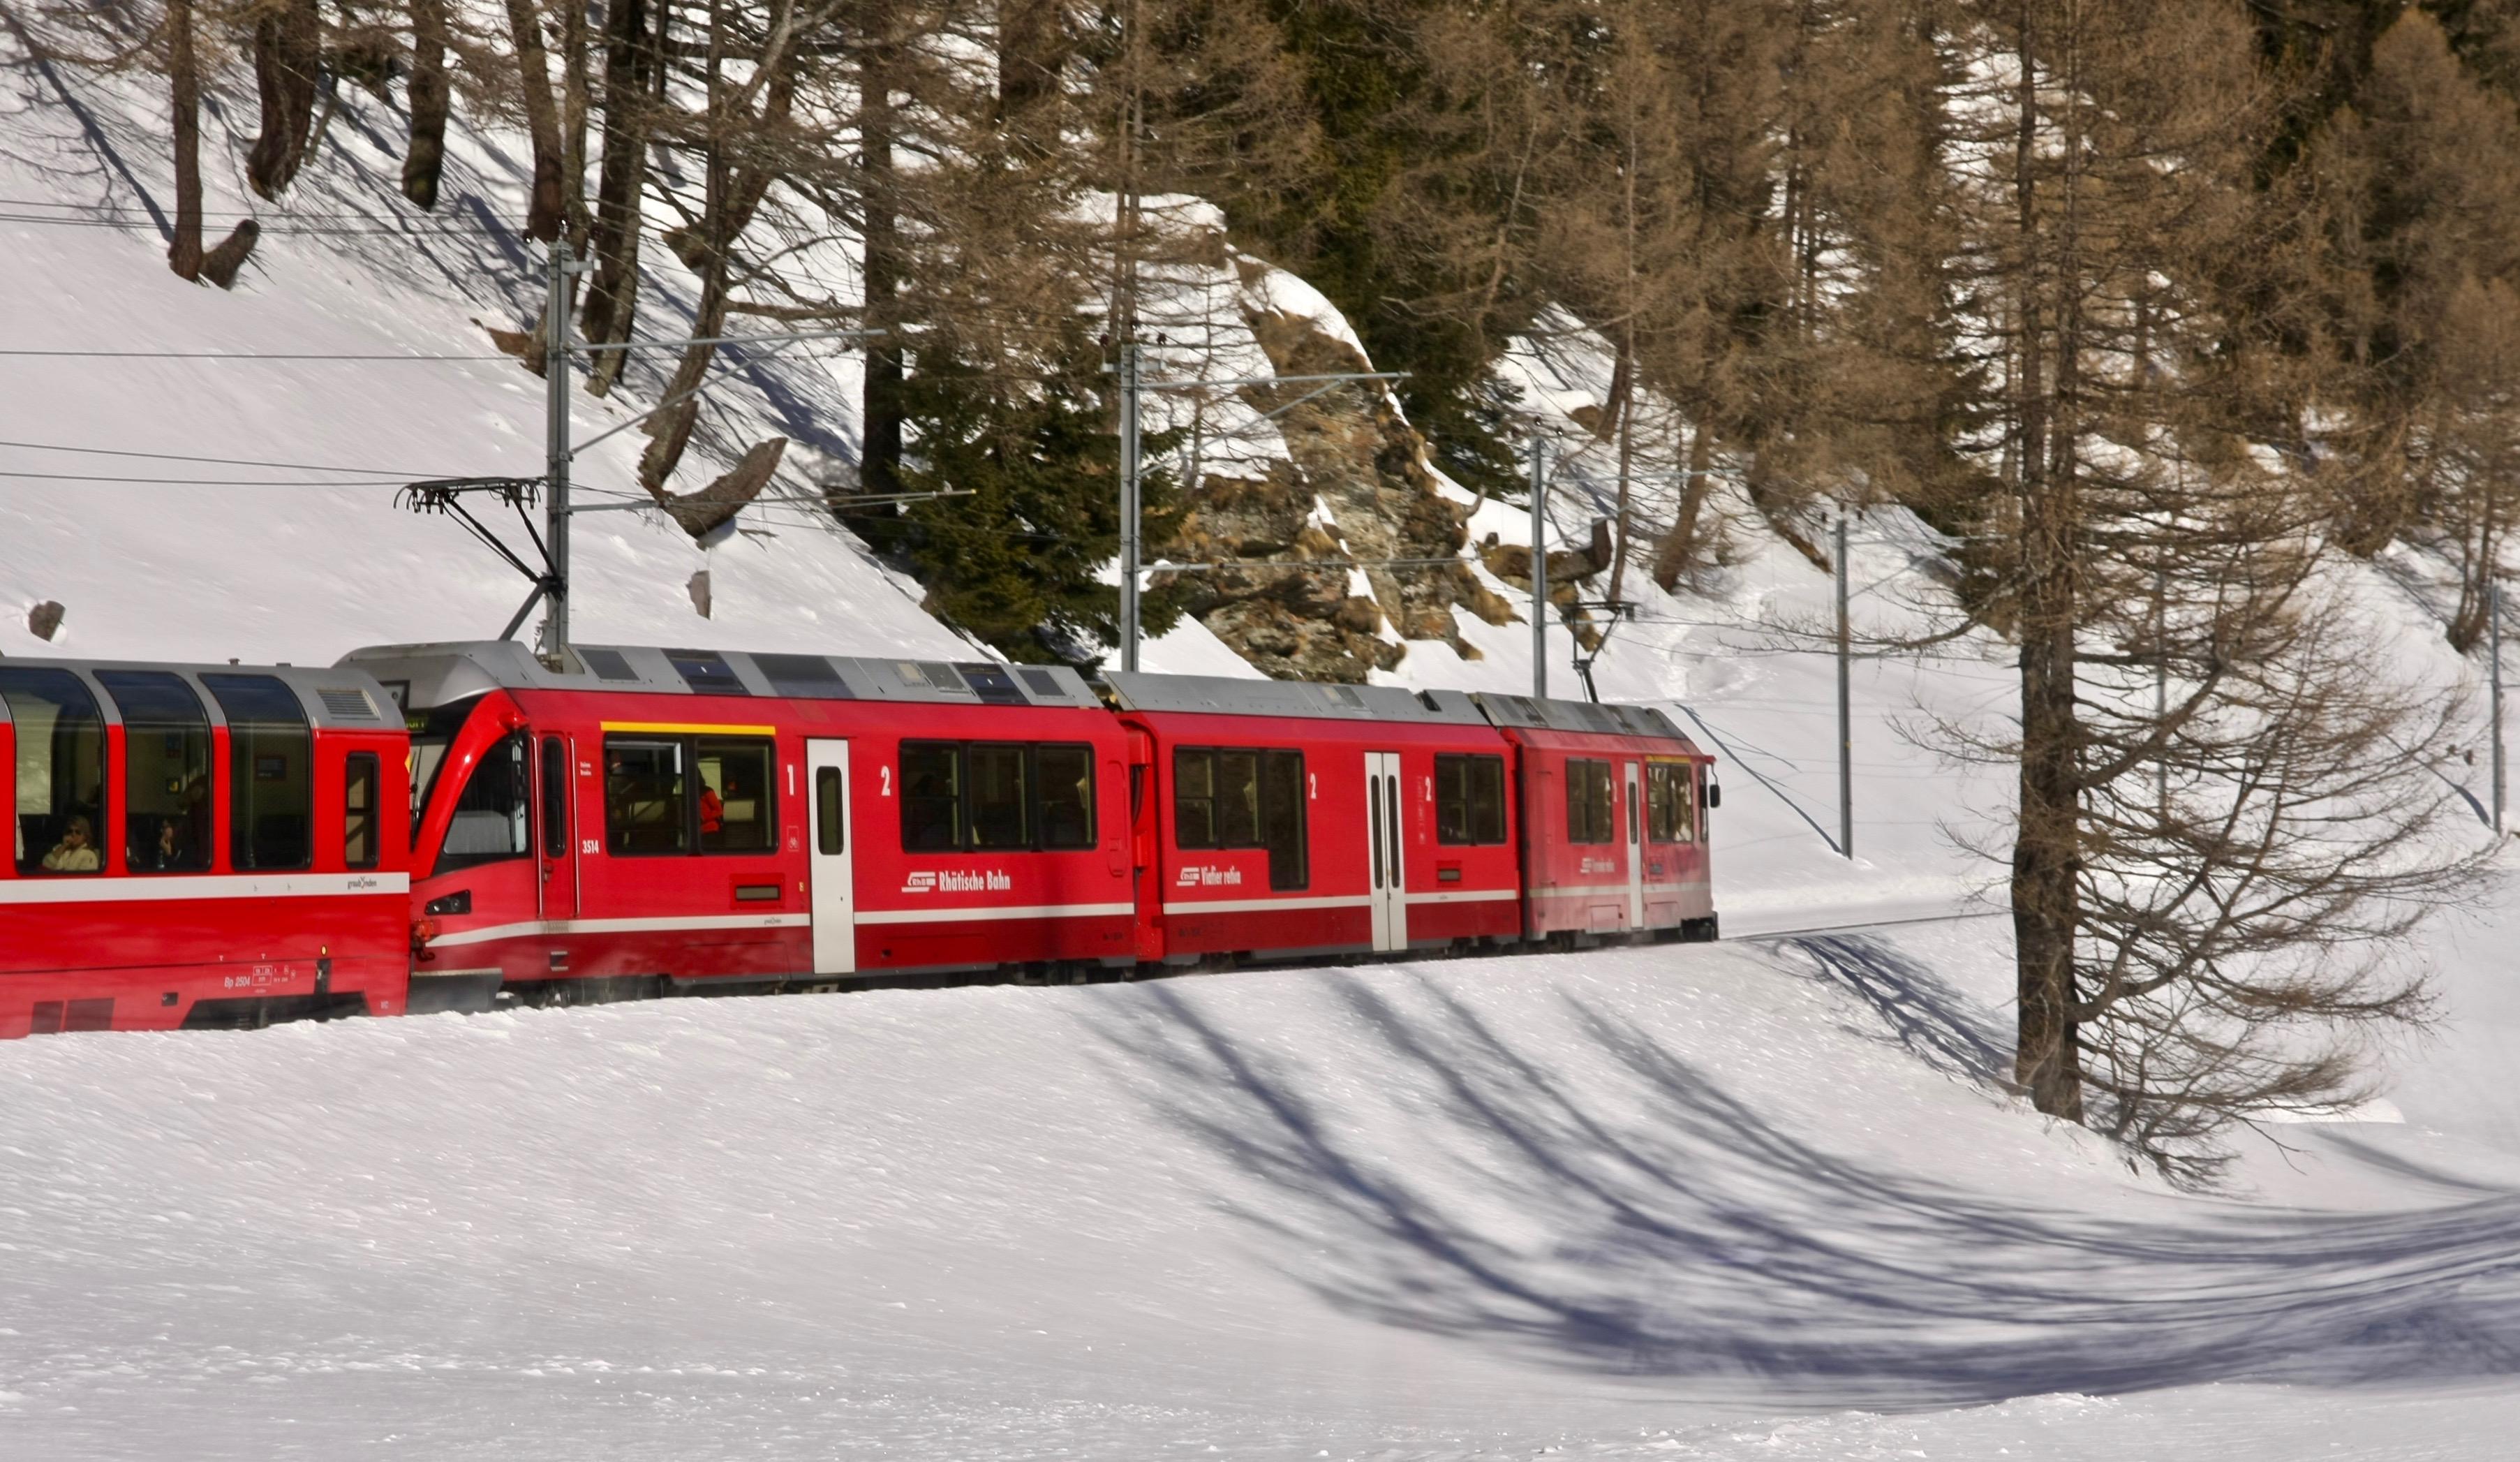 Treno del Bernina: fotoracconto di una giornata d'inverno